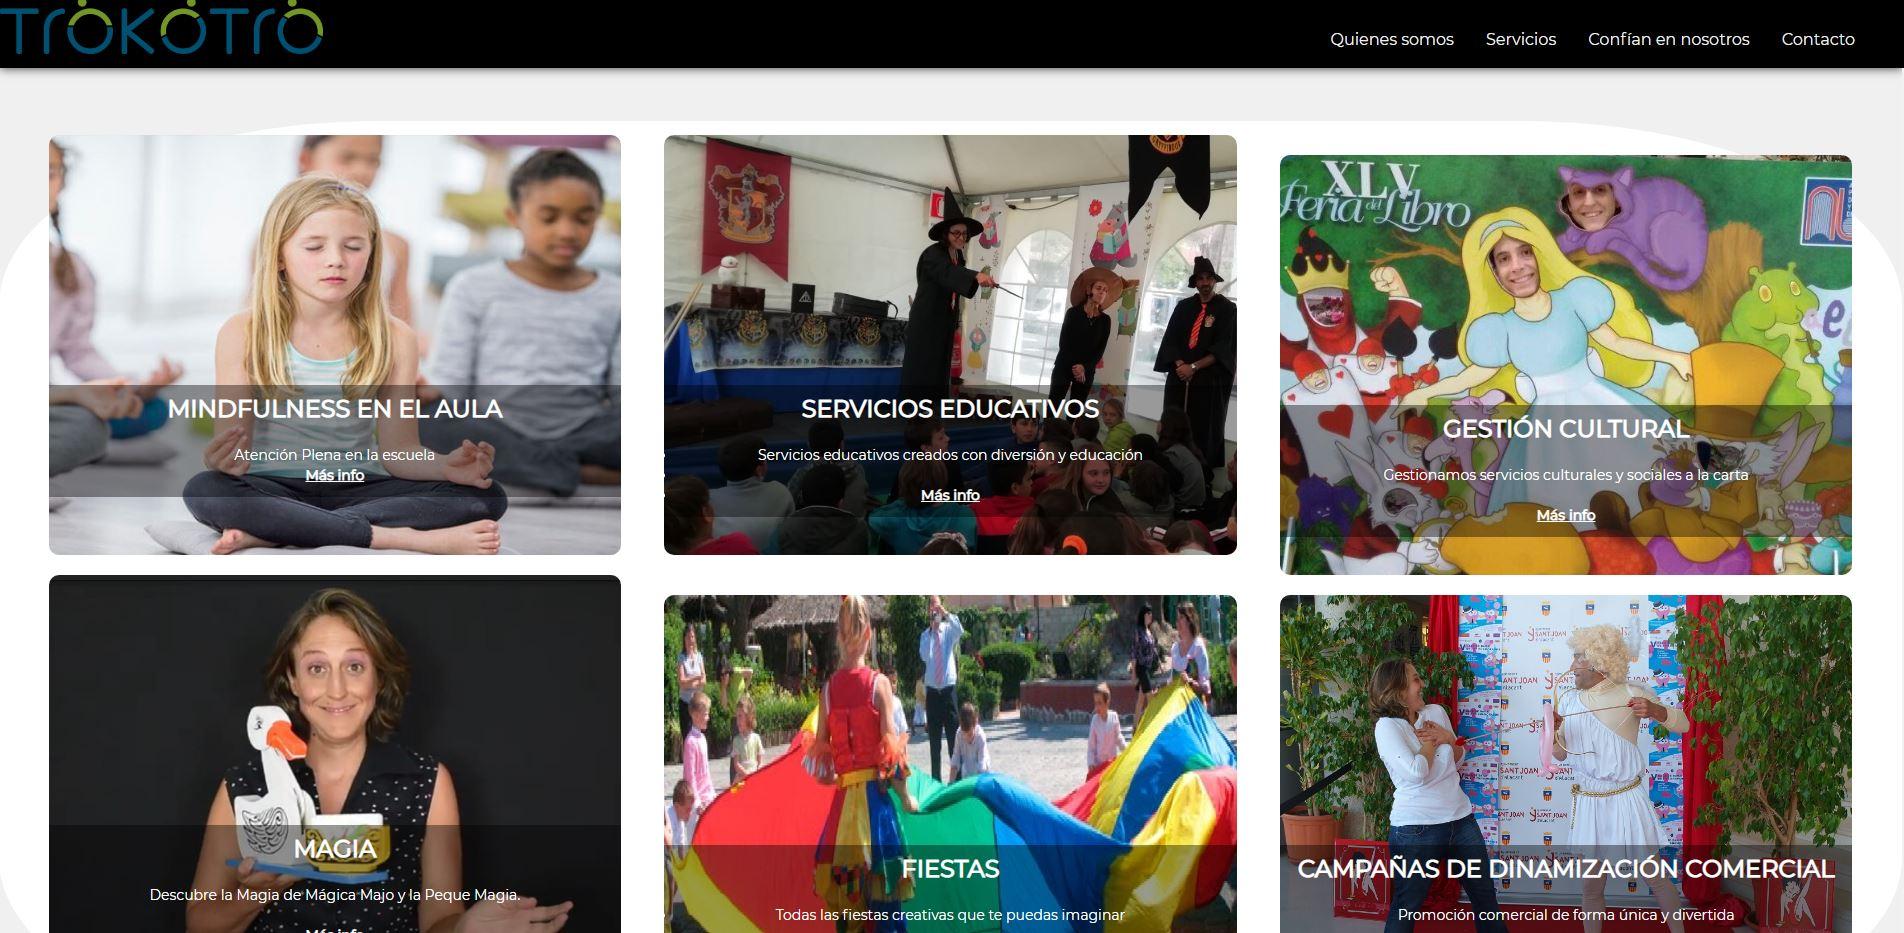 trokotro - Fusión de la animación socio cultural y la educación